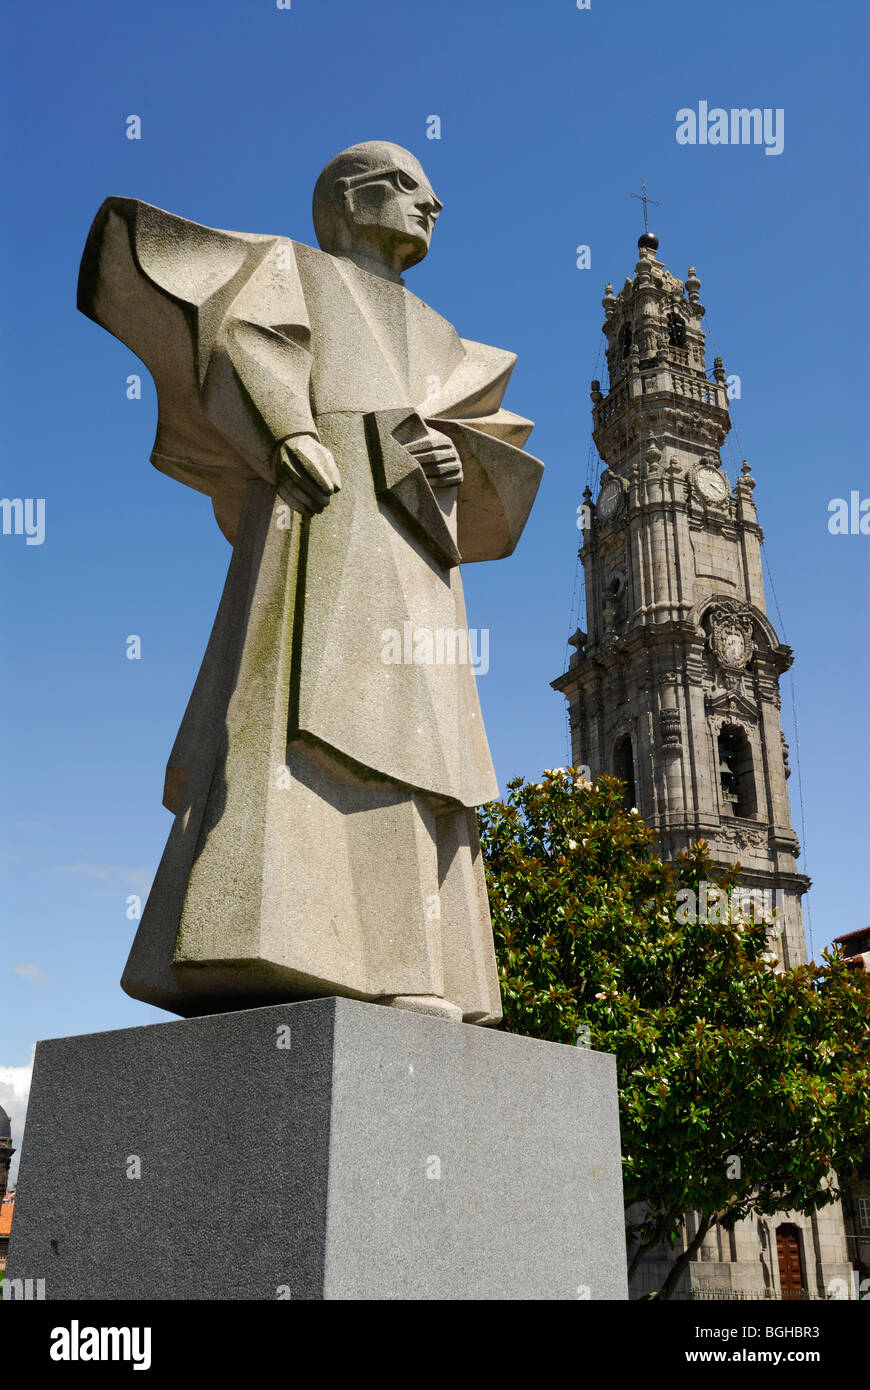 Porto Portugal Statue Of Antonio Ferreira Gomes Bishop